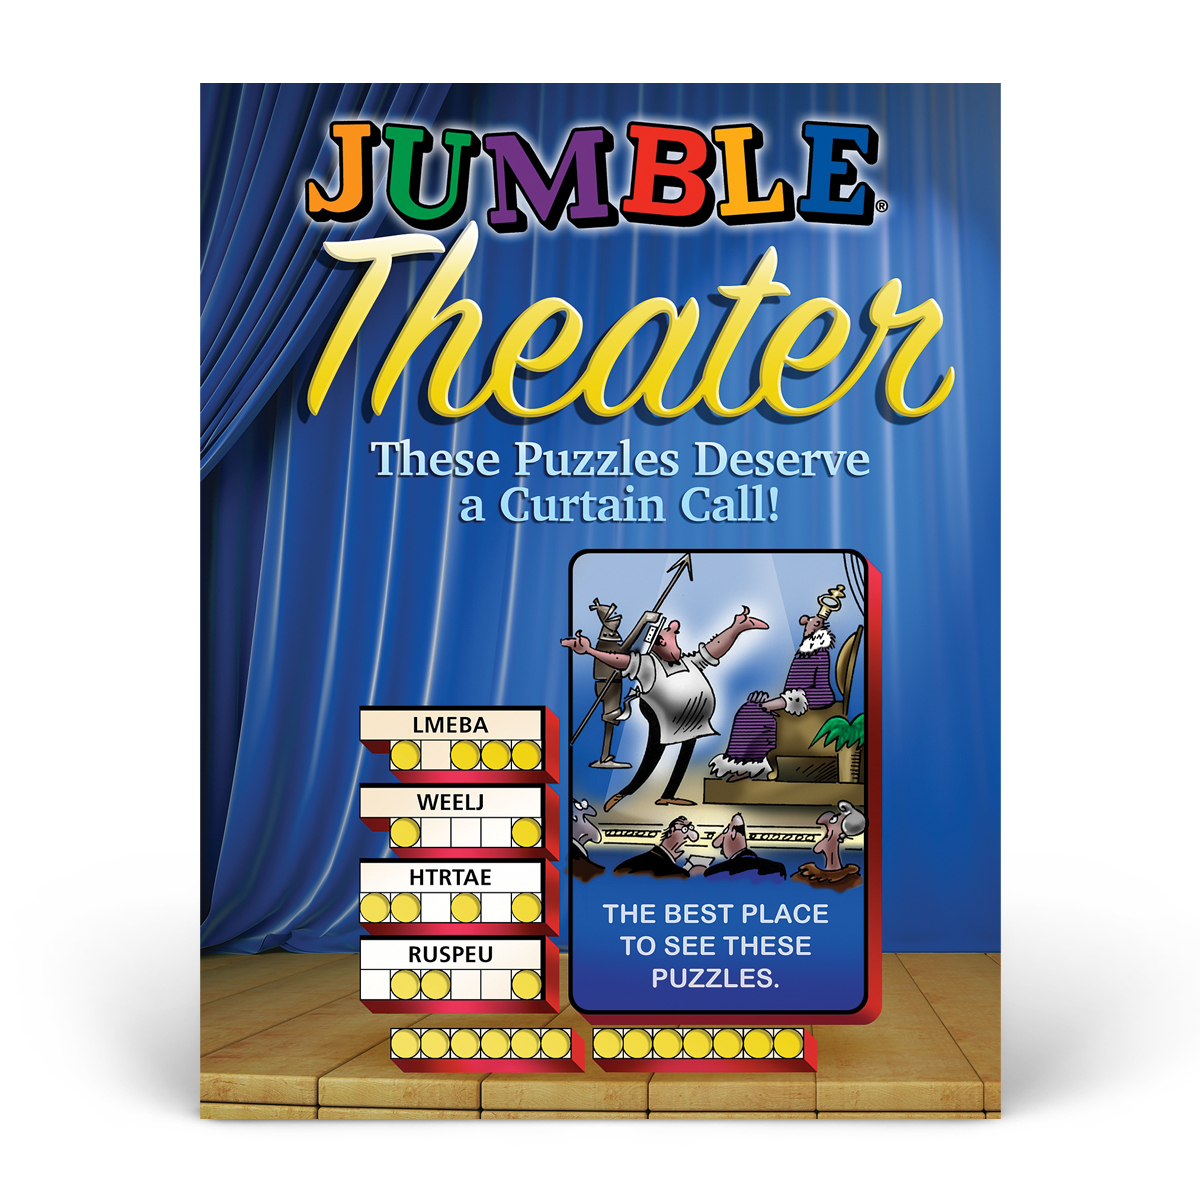 Jumble! Theater